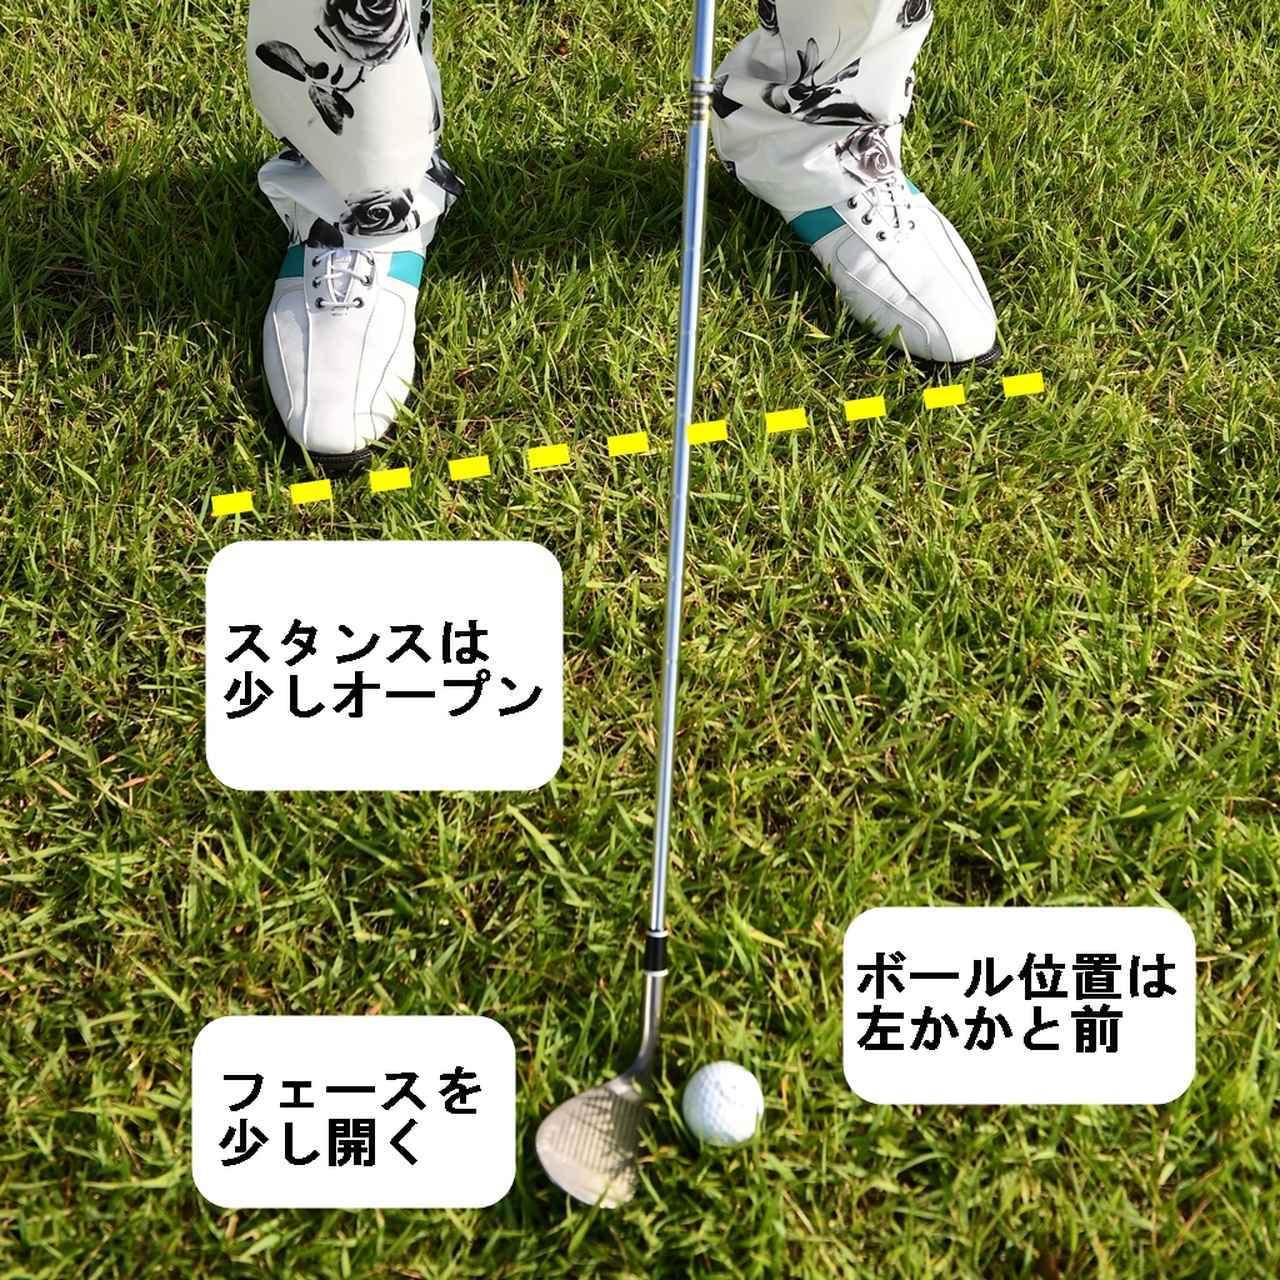 画像: ポイント③ボールは左足かかと前